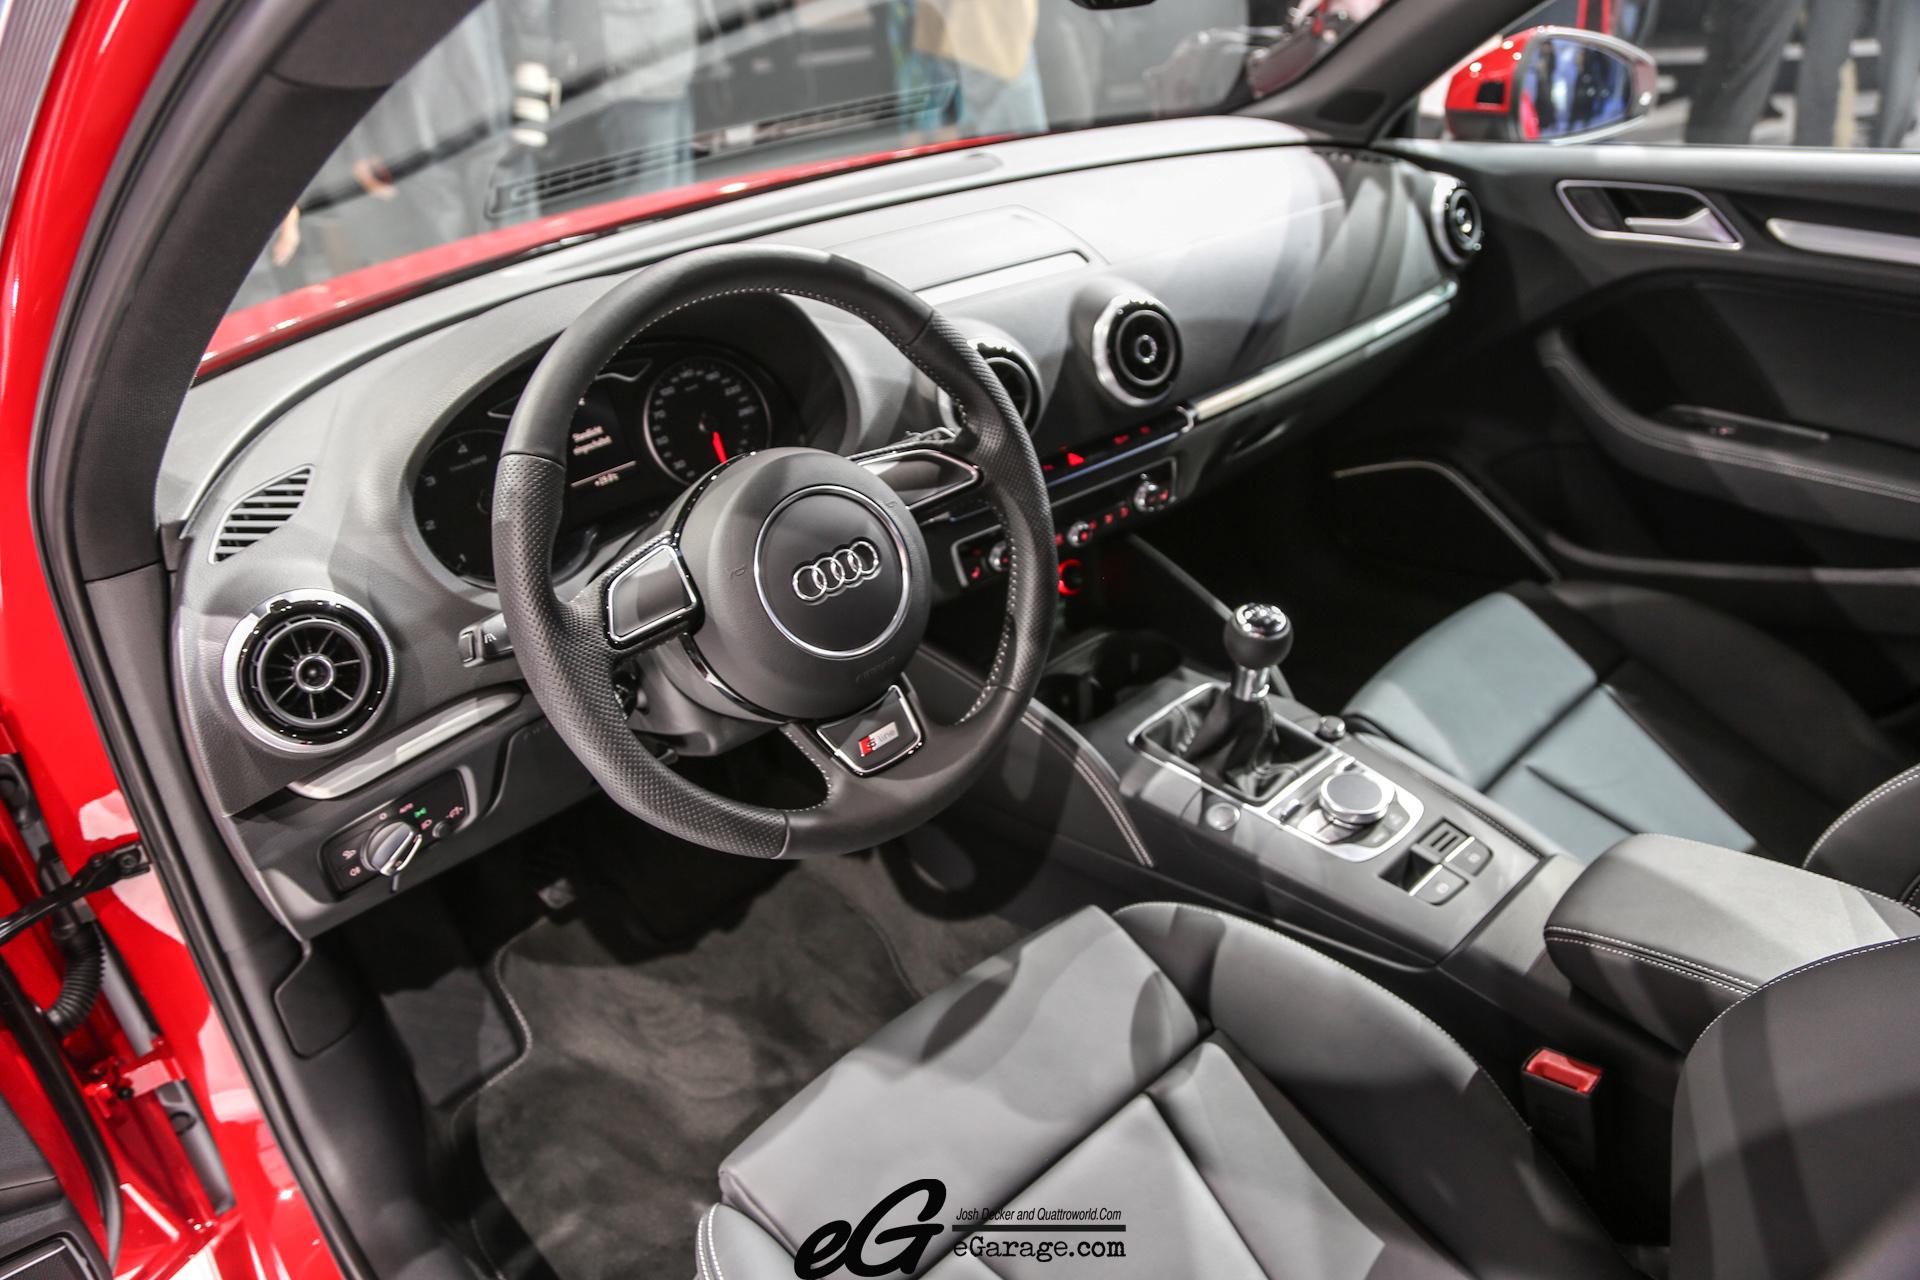 8030377992 b7aea5f5da o 2012 Paris Motor Show